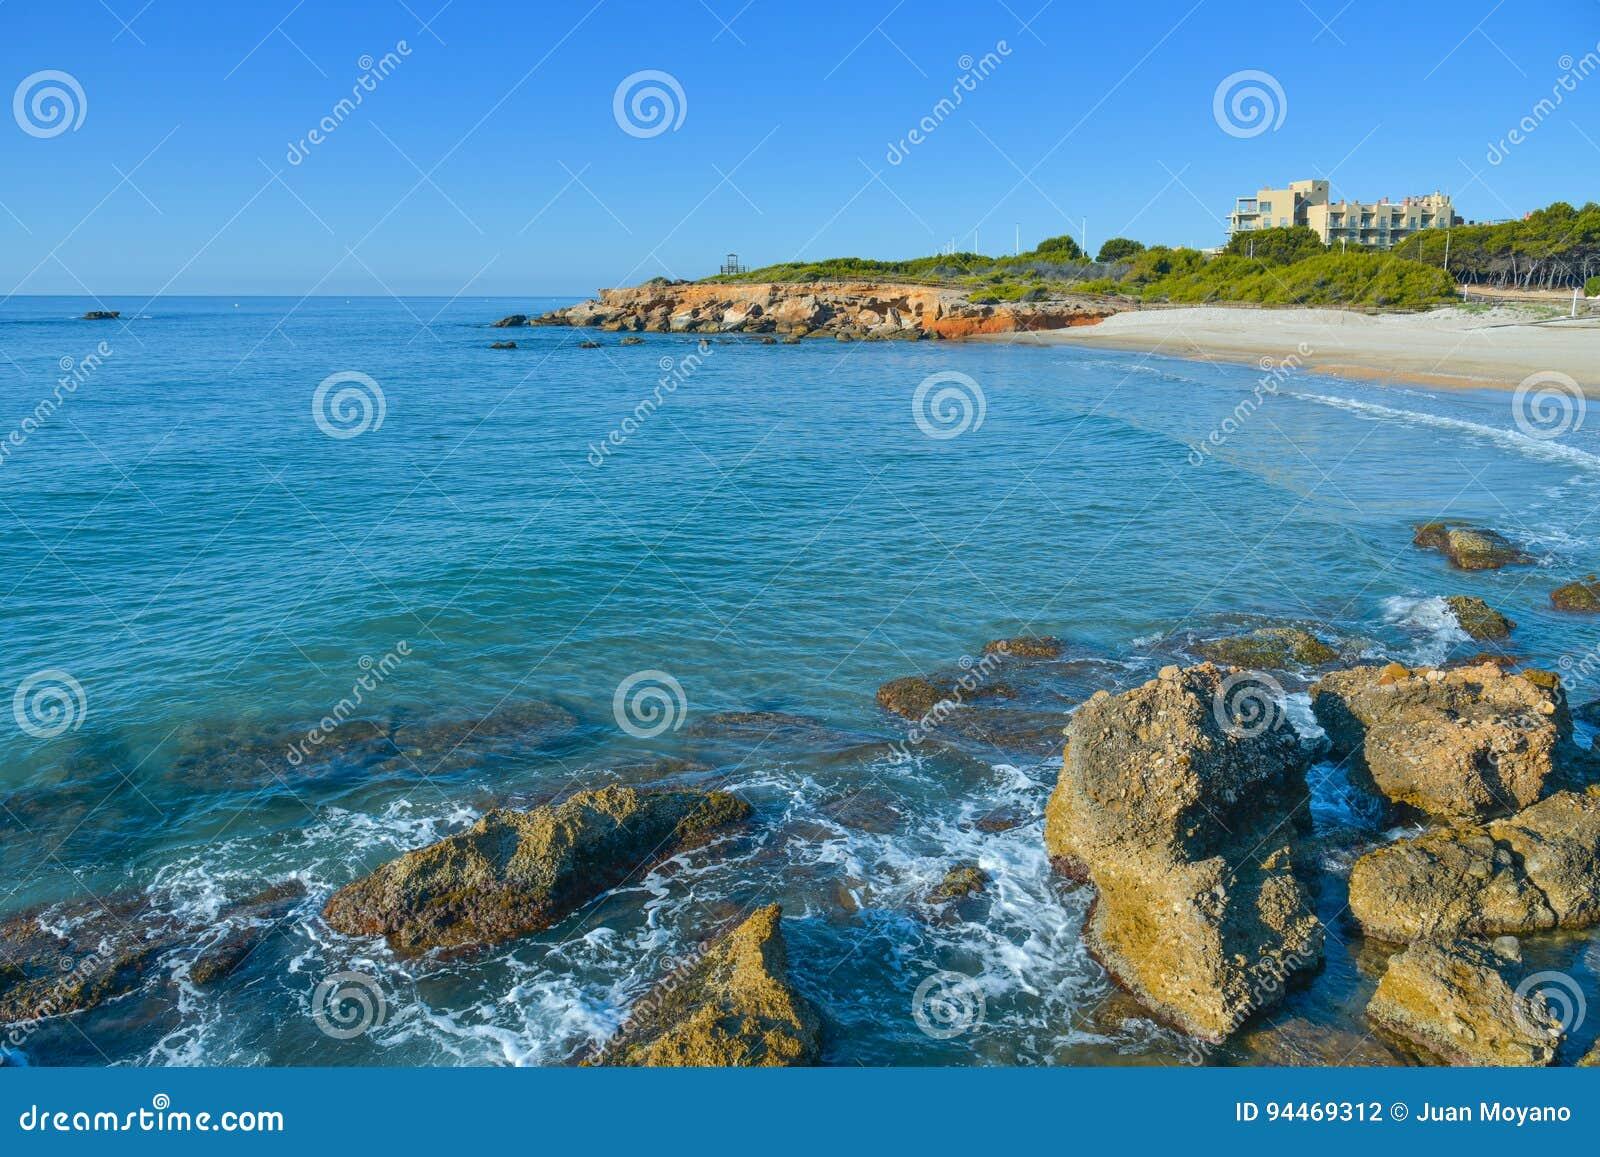 Playa del Moro strand in Alcossebre, Spanje